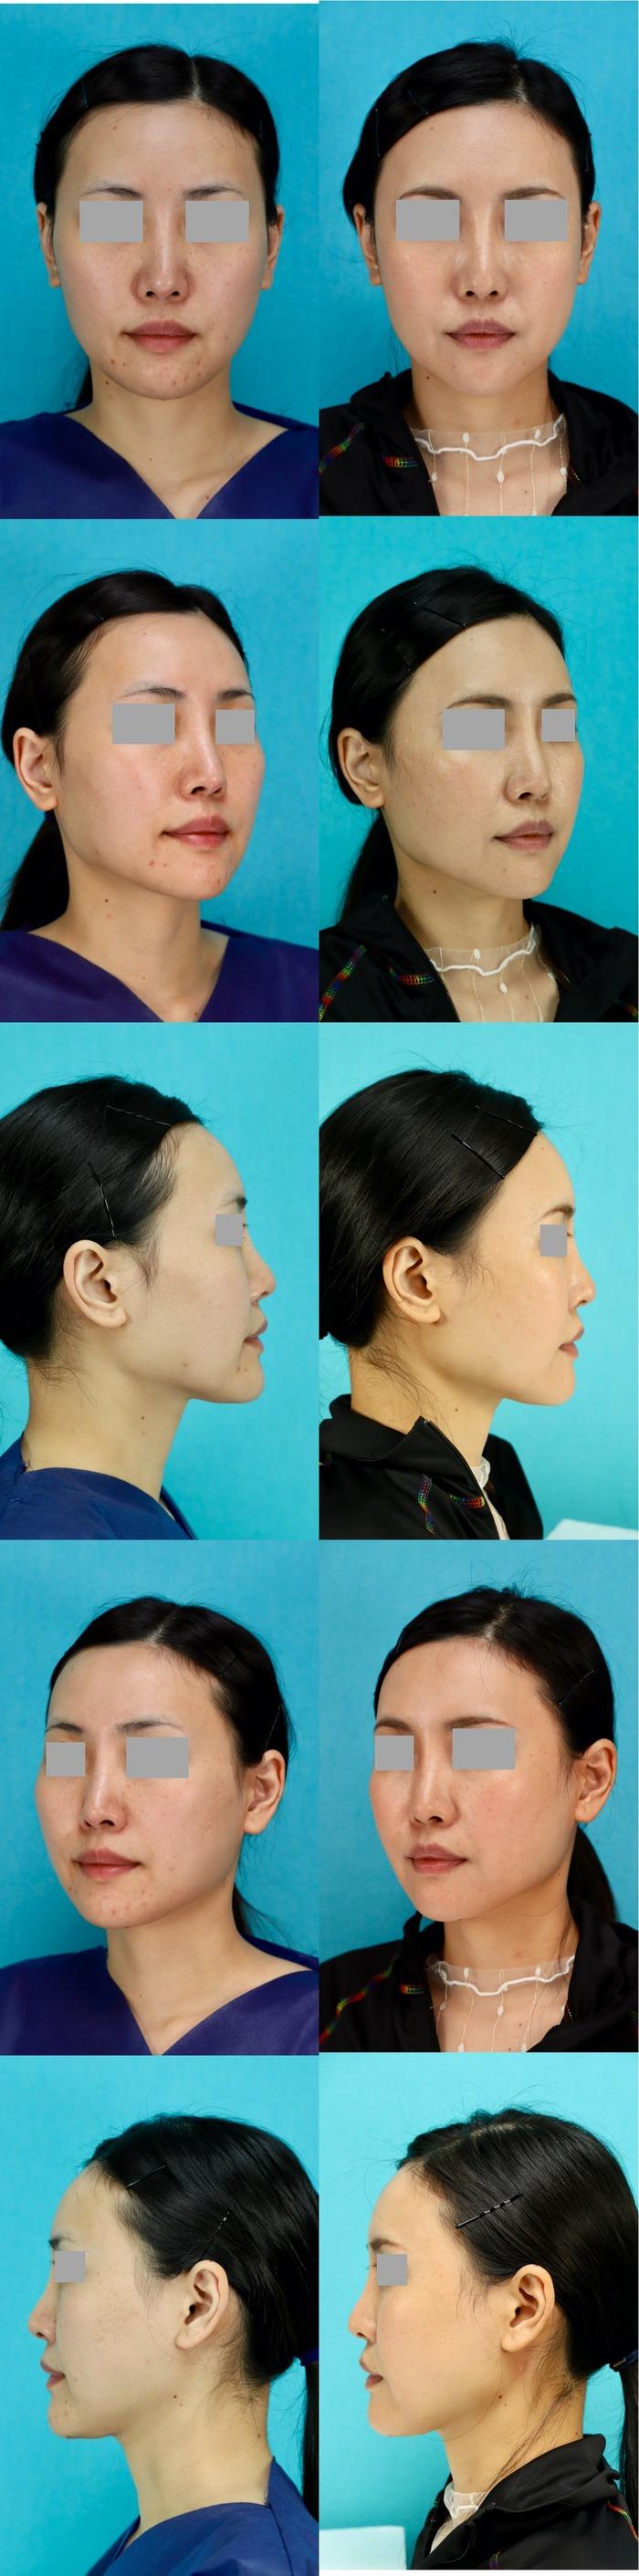 頬骨削り 術後6ヶ月